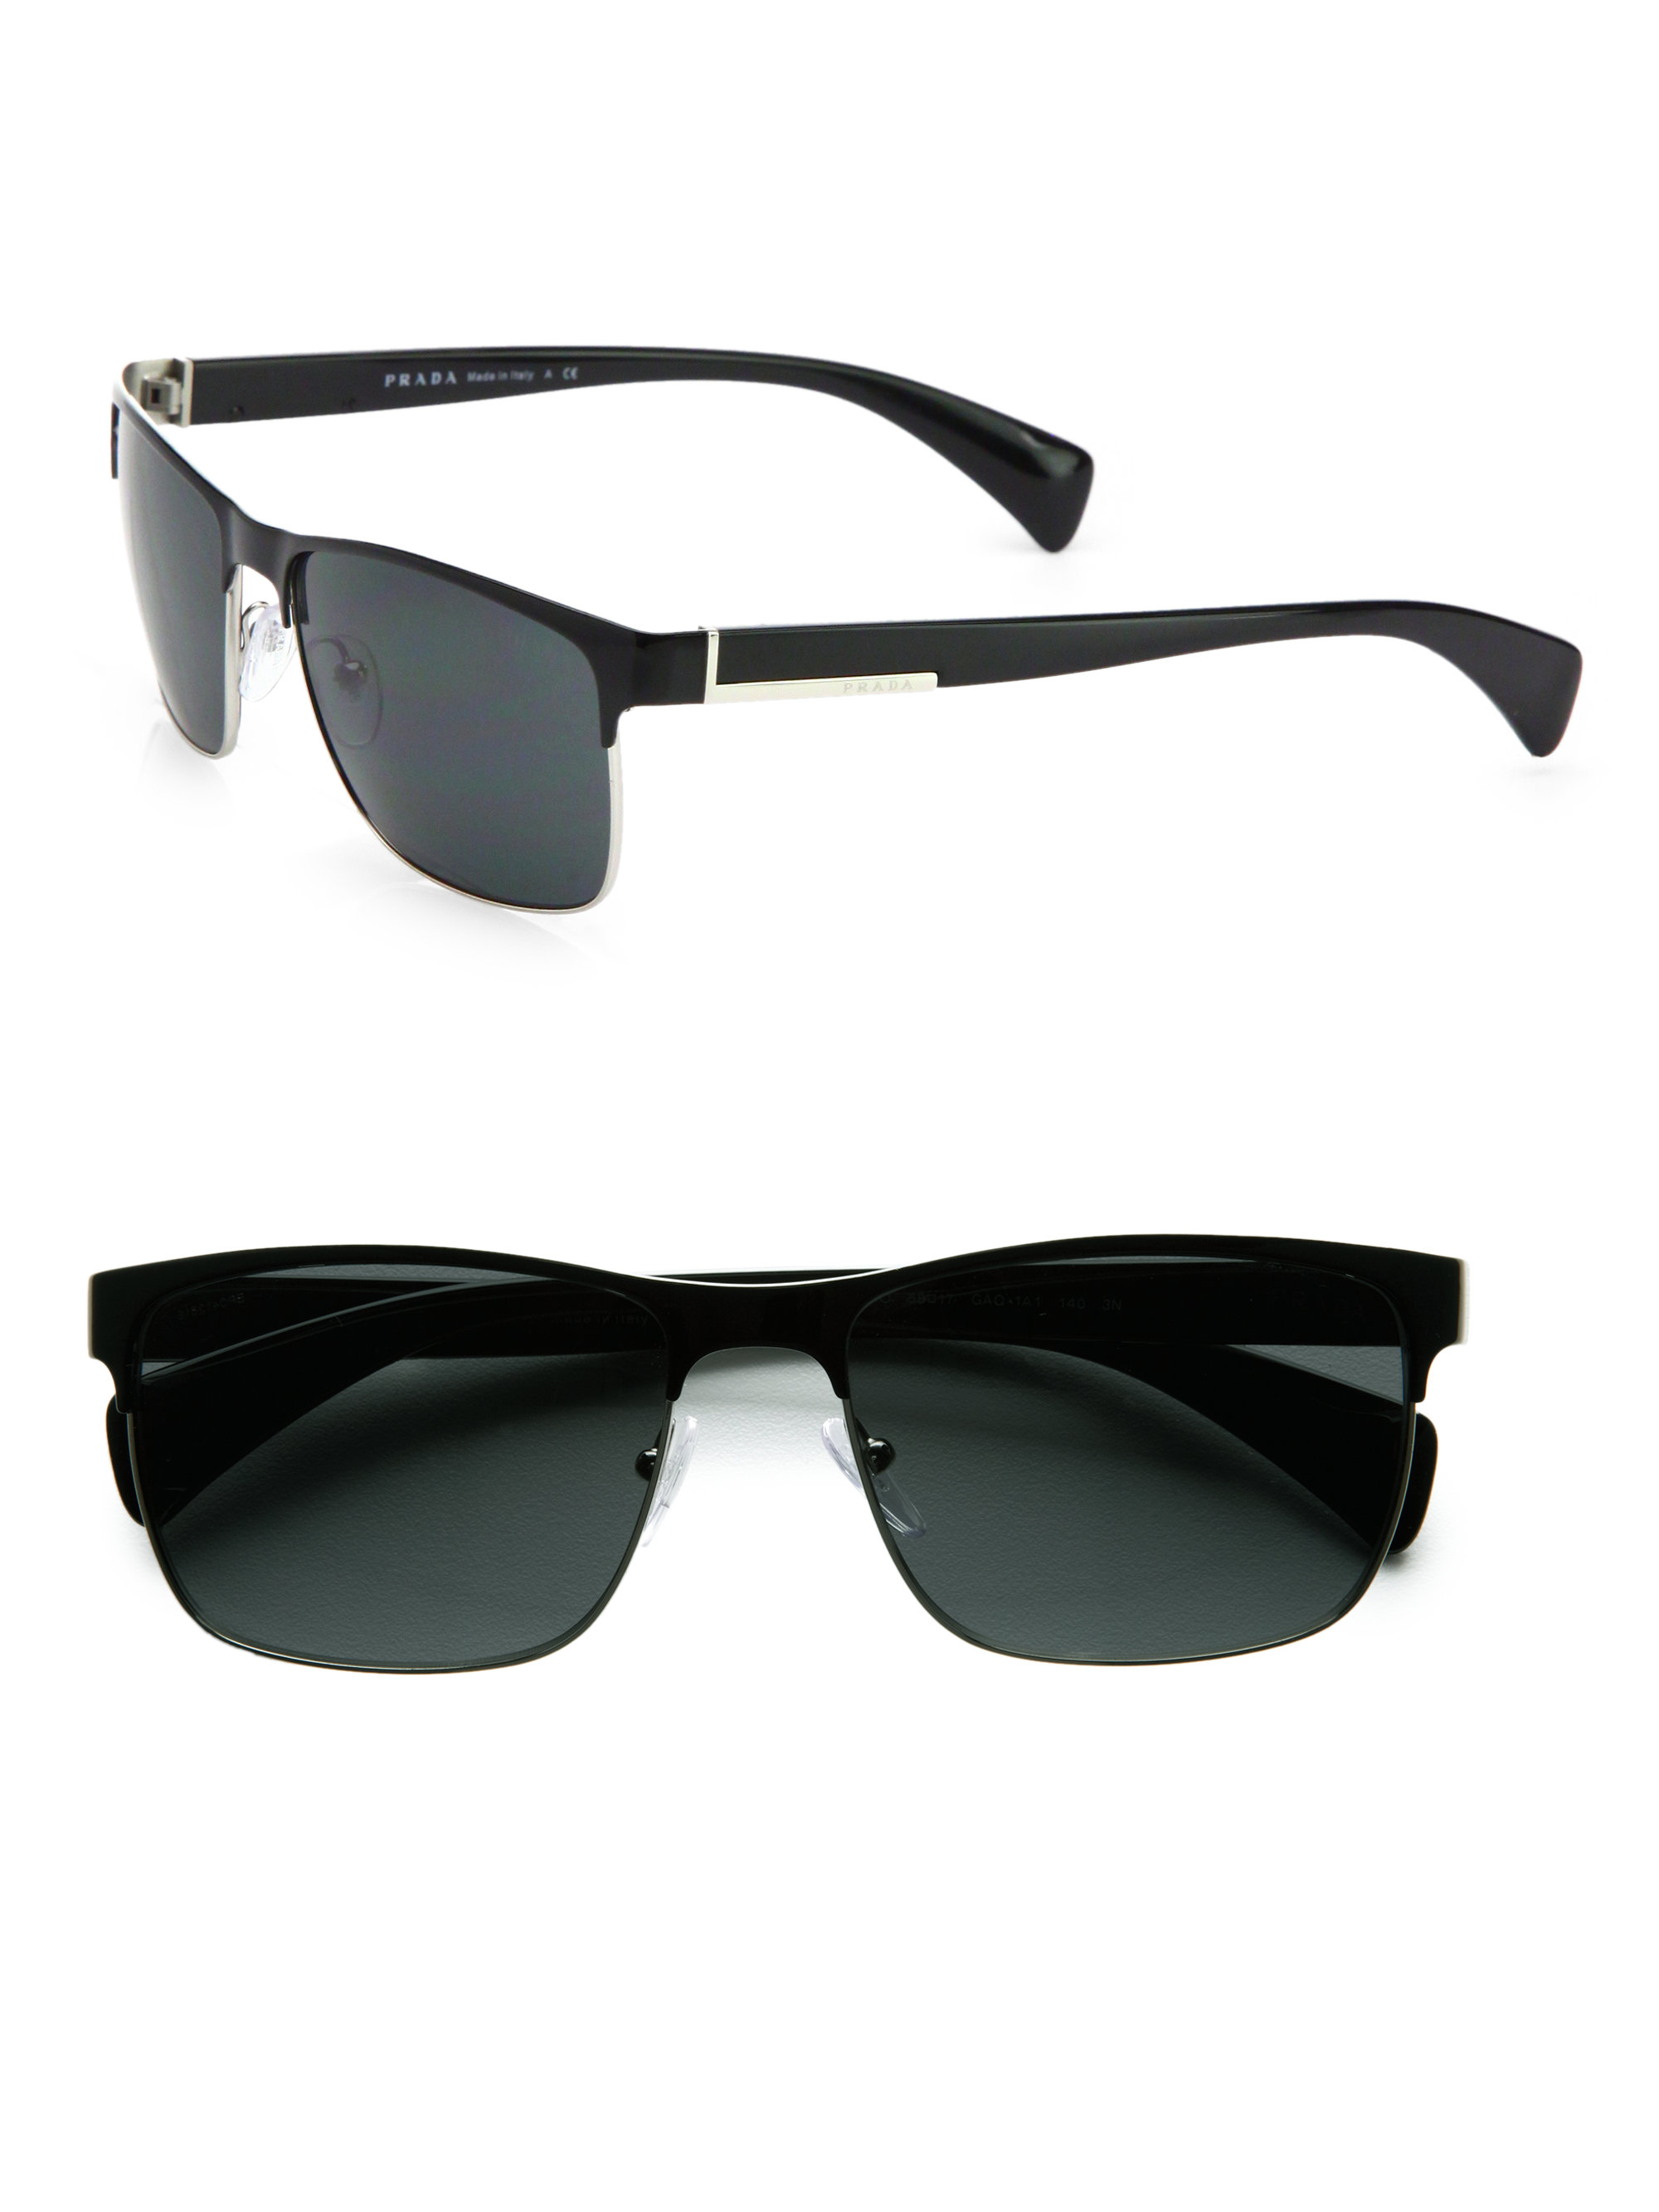 62f25f55a71 Prada Twotone Square Sunglasses in Black for Men - Lyst